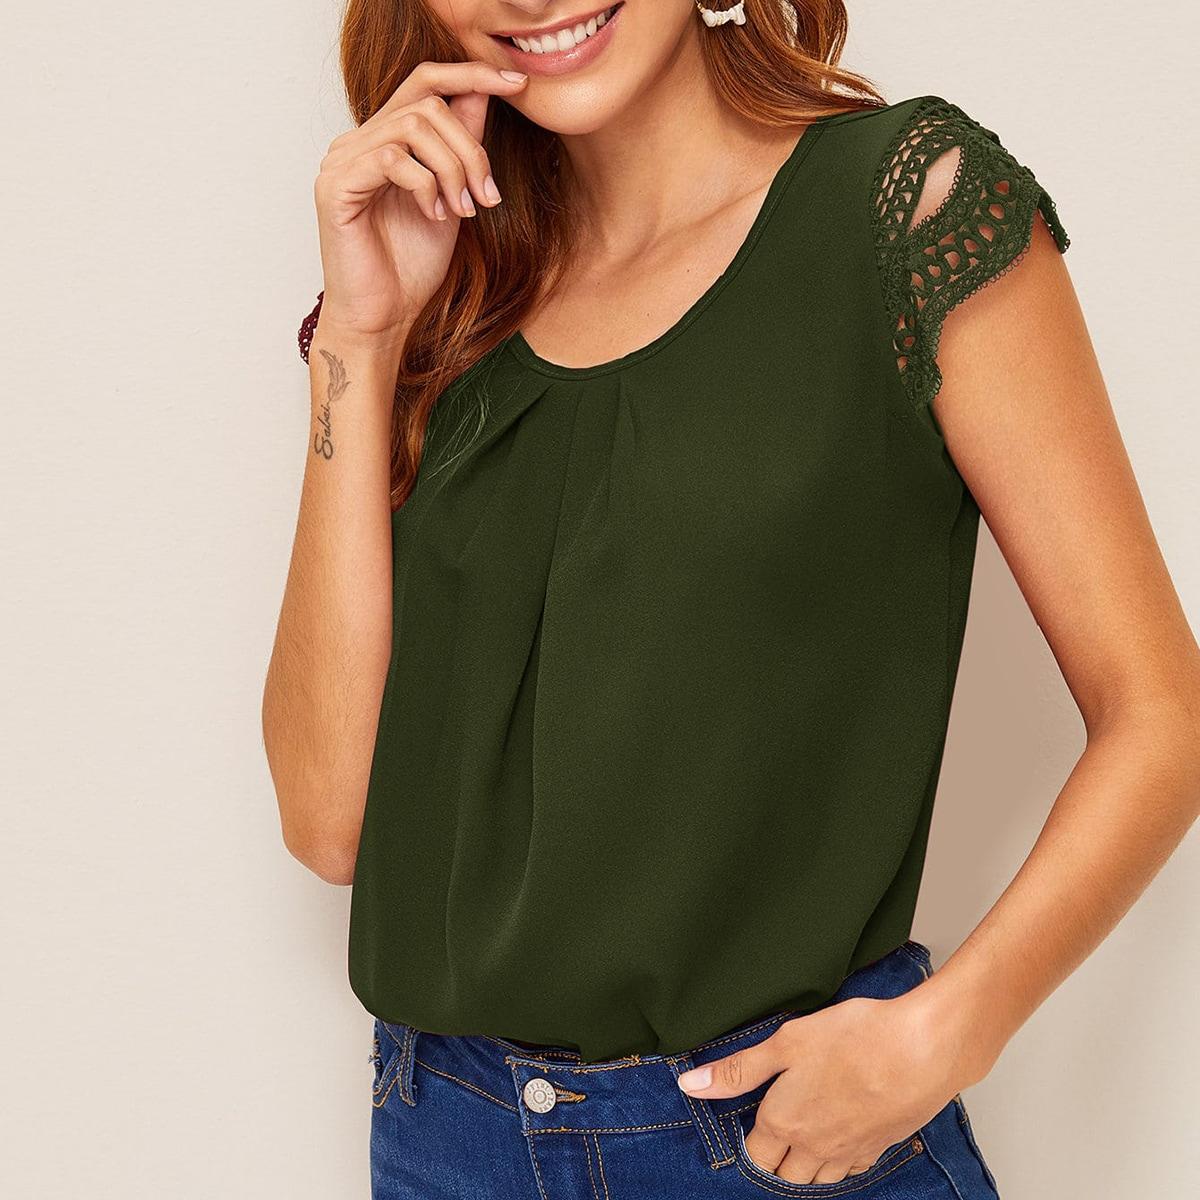 Оригинальная блузка с кружевной отделкой